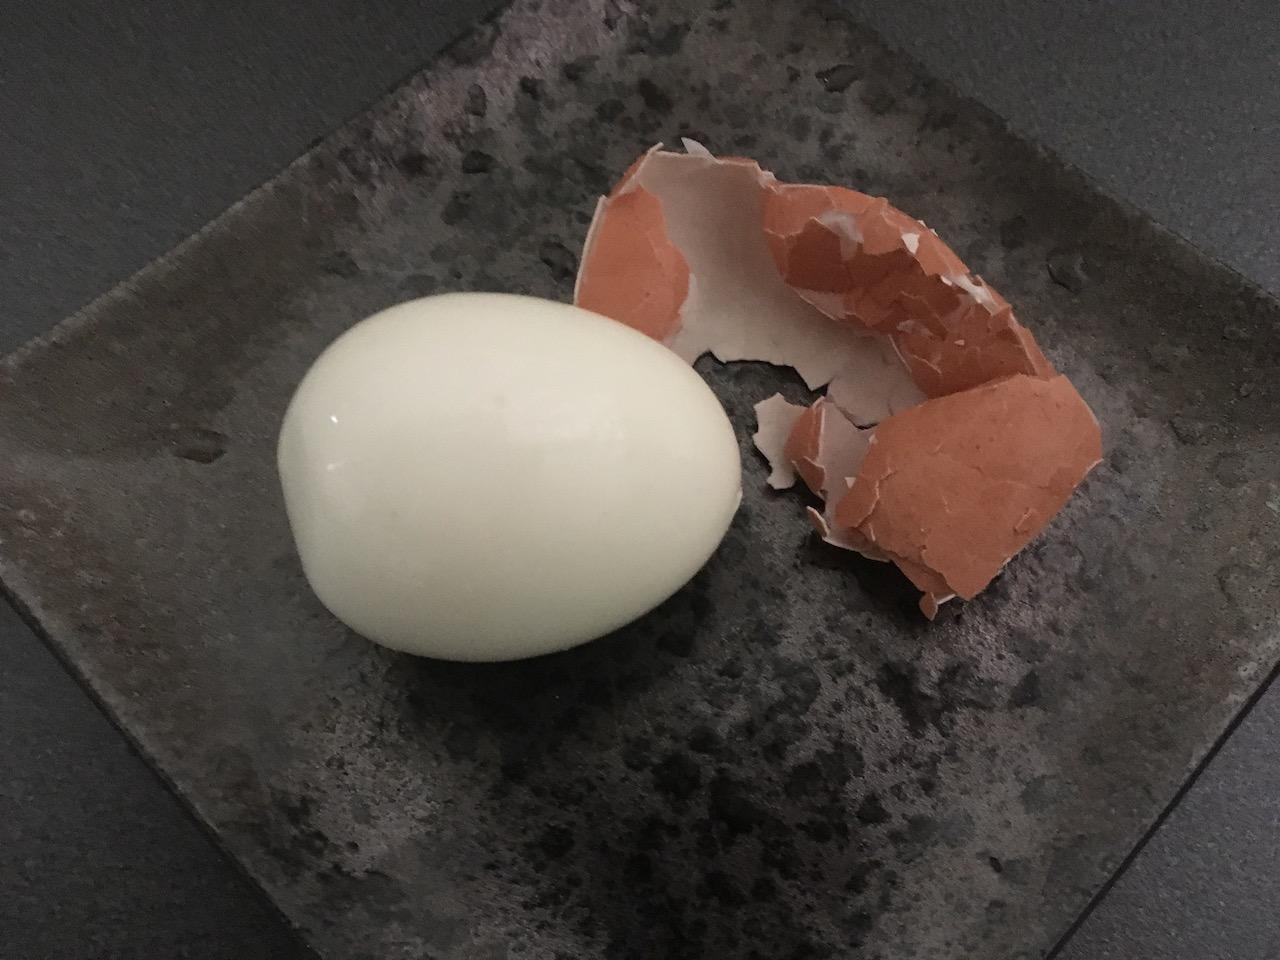 綺麗に剥けたゆで卵の殻